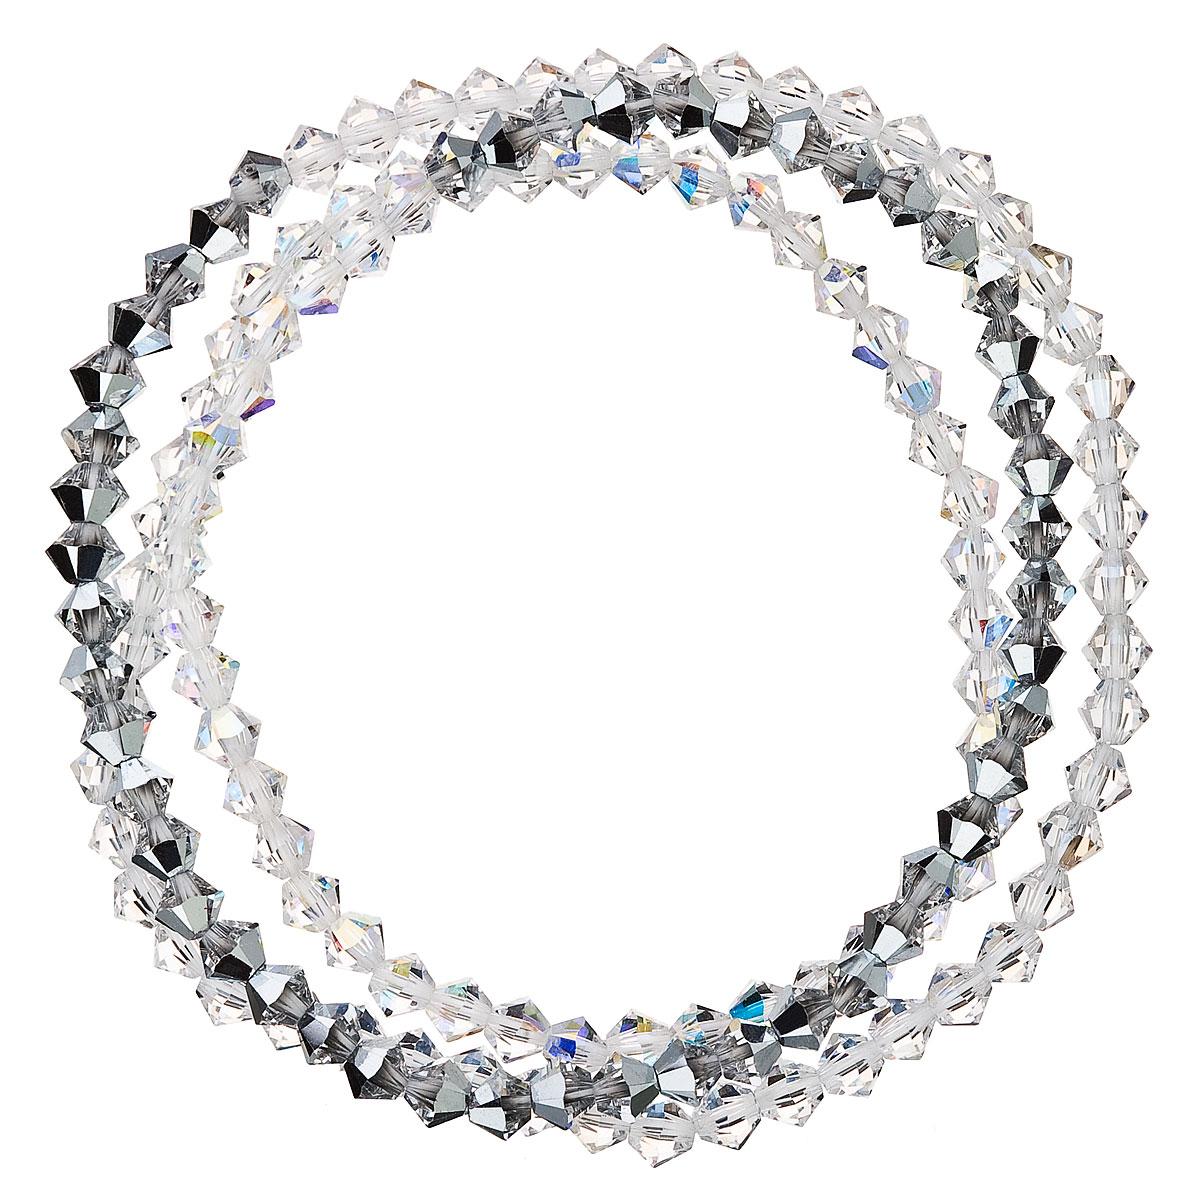 Náramek se Swarovski krystaly šedý 33081.5 calvsi AB